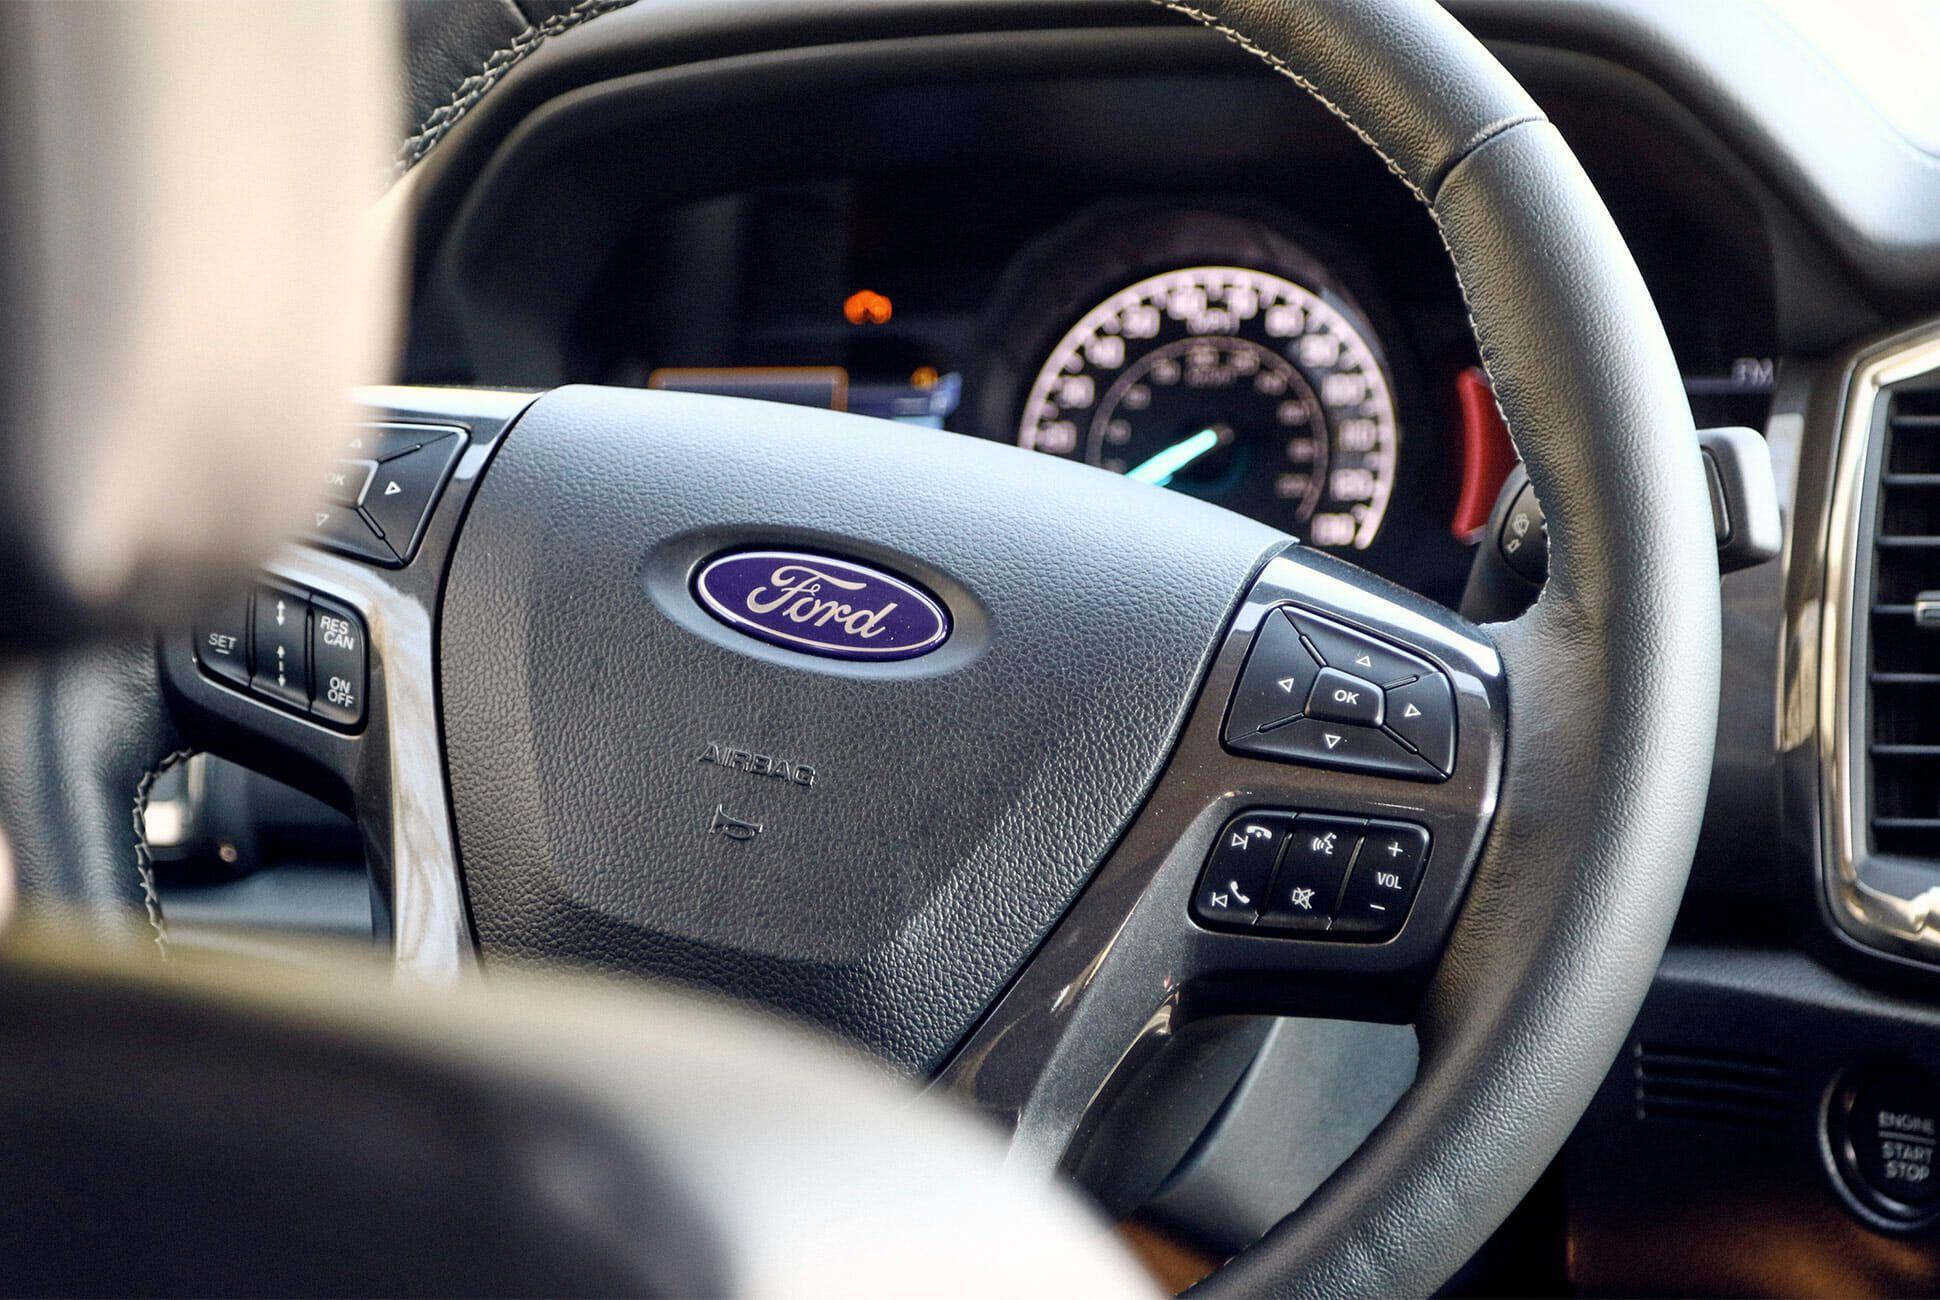 Ford-Ranger-Review-Gear-Patrol-slide-8